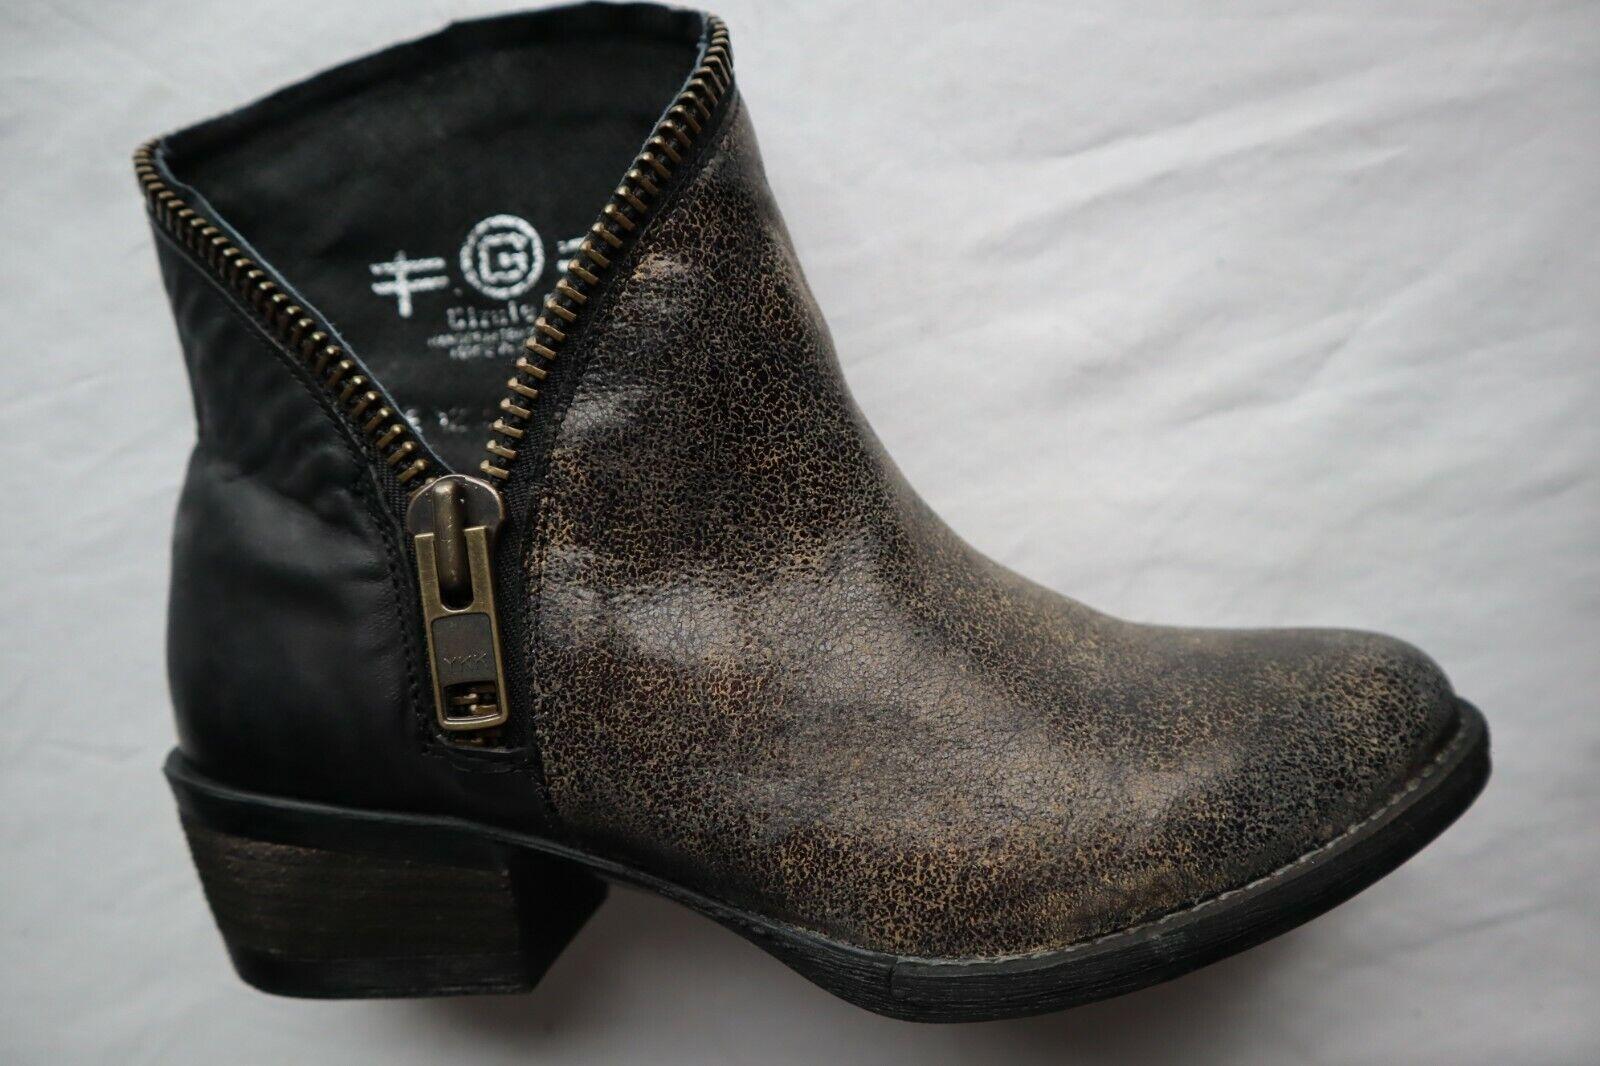 marca New Dark Marrone Regular & Distressed Leather Circle G G G Ankle stivali Dip Zipper 7  garanzia di qualità